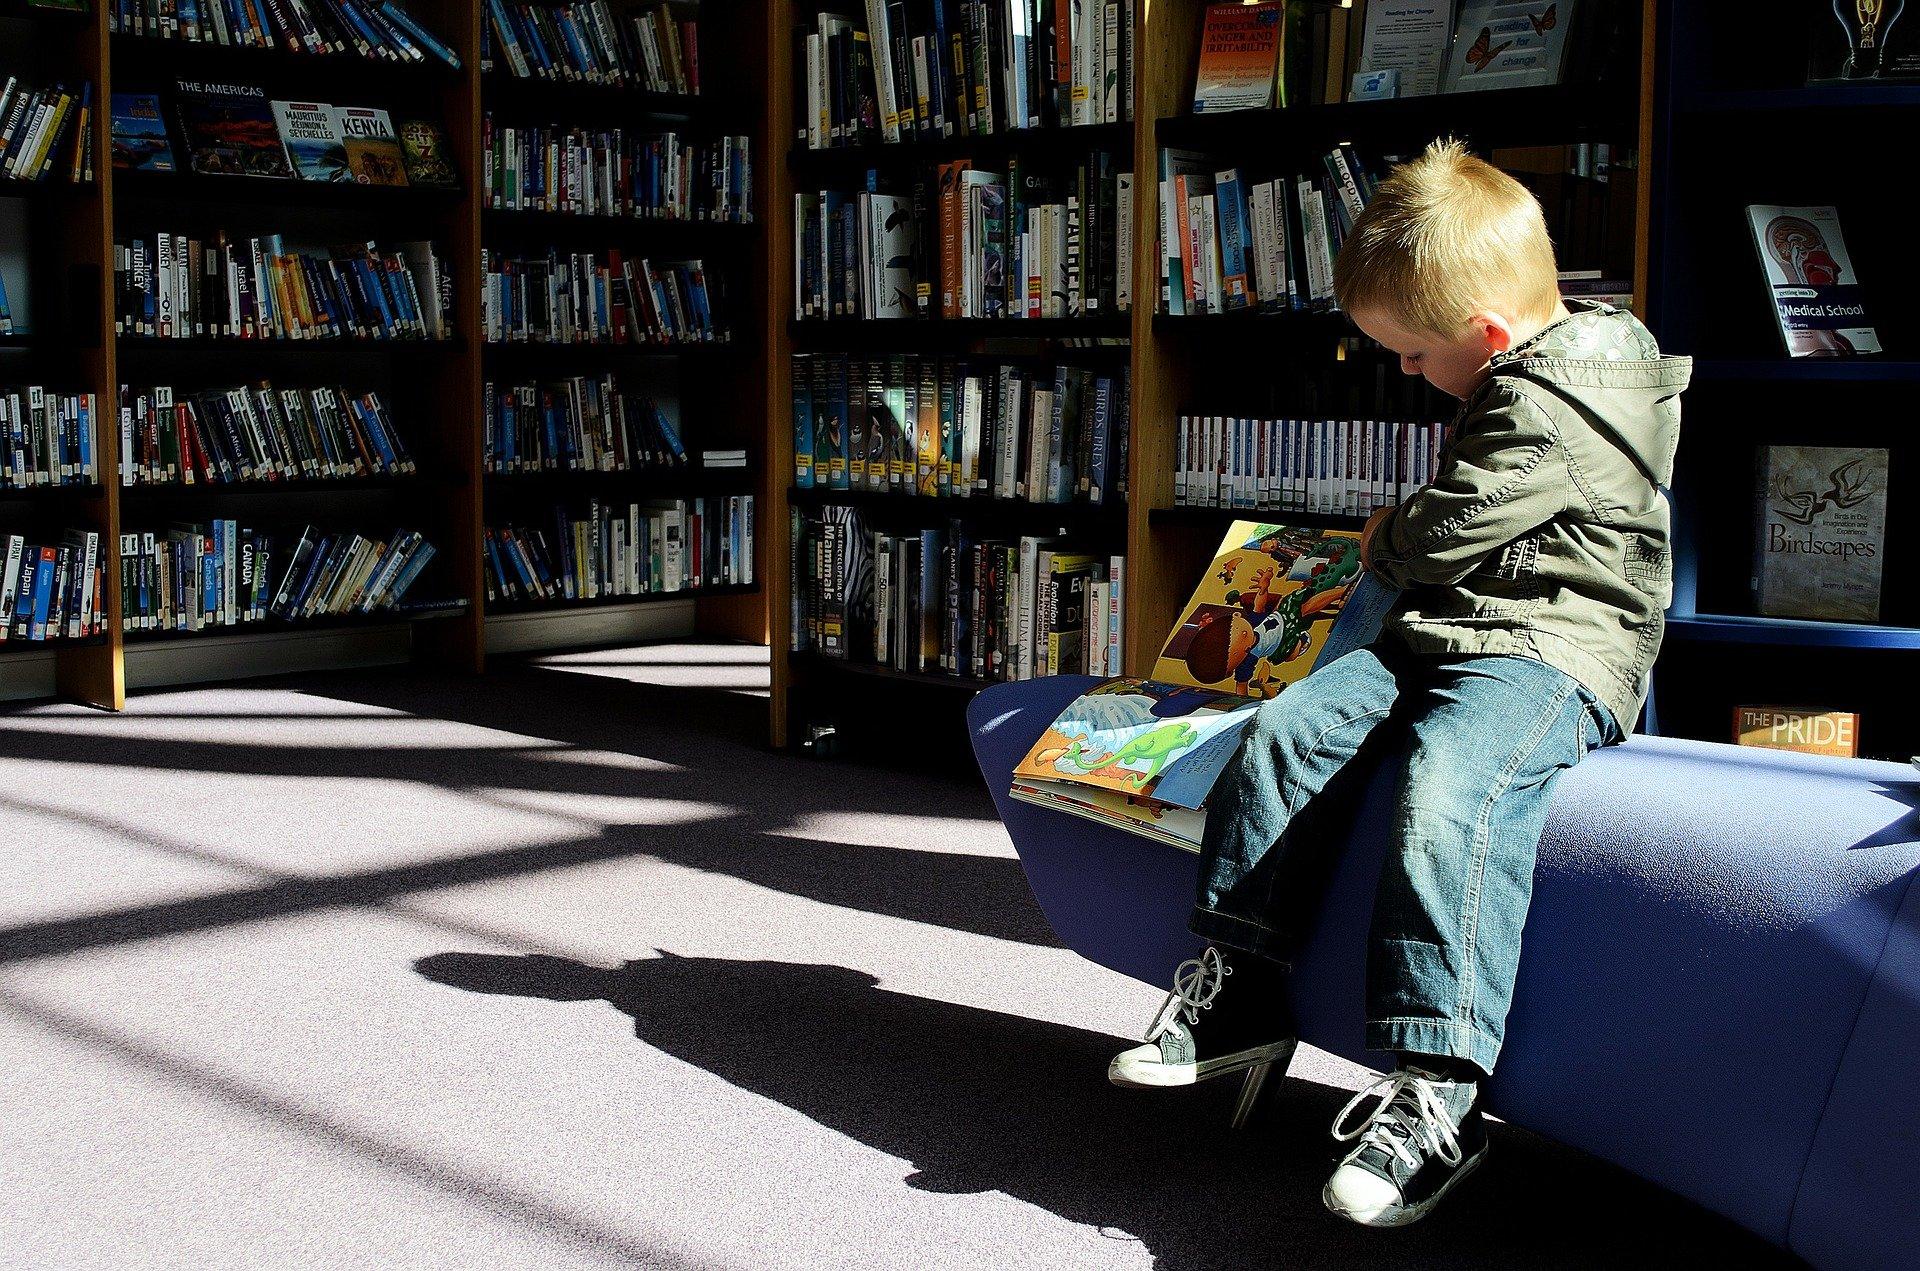 Hoe de bibliotheek voor leesbevordering zorgt